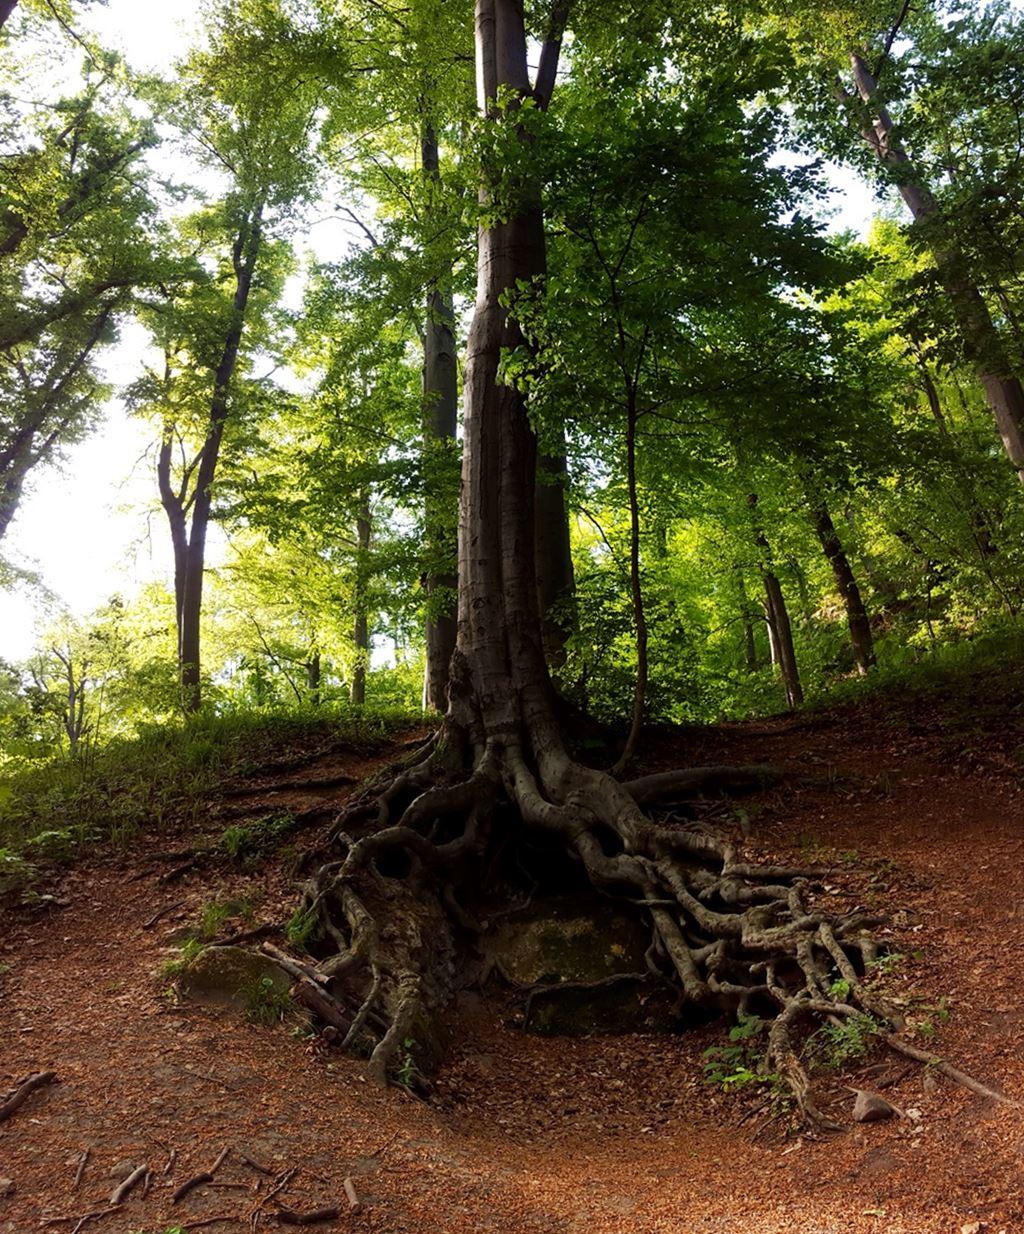 A Zsivány-szikláknál jellegzetes gyökereivel szabadon álló fa Forrás: Mozgásvilág.hu